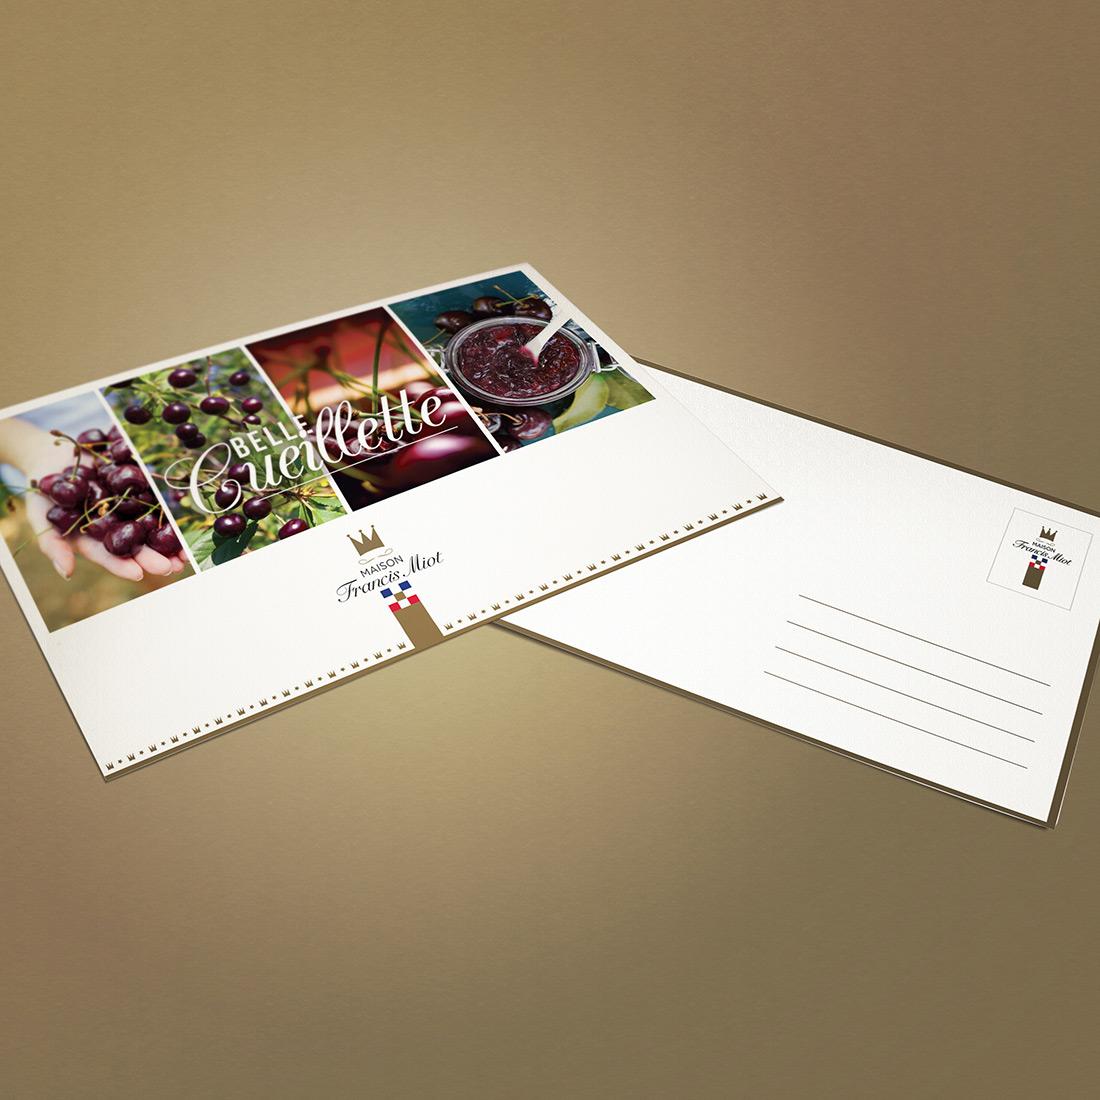 Franis Miot Matre Artisan Confiturier Confiseur Print Plaquette Cartes De Visite